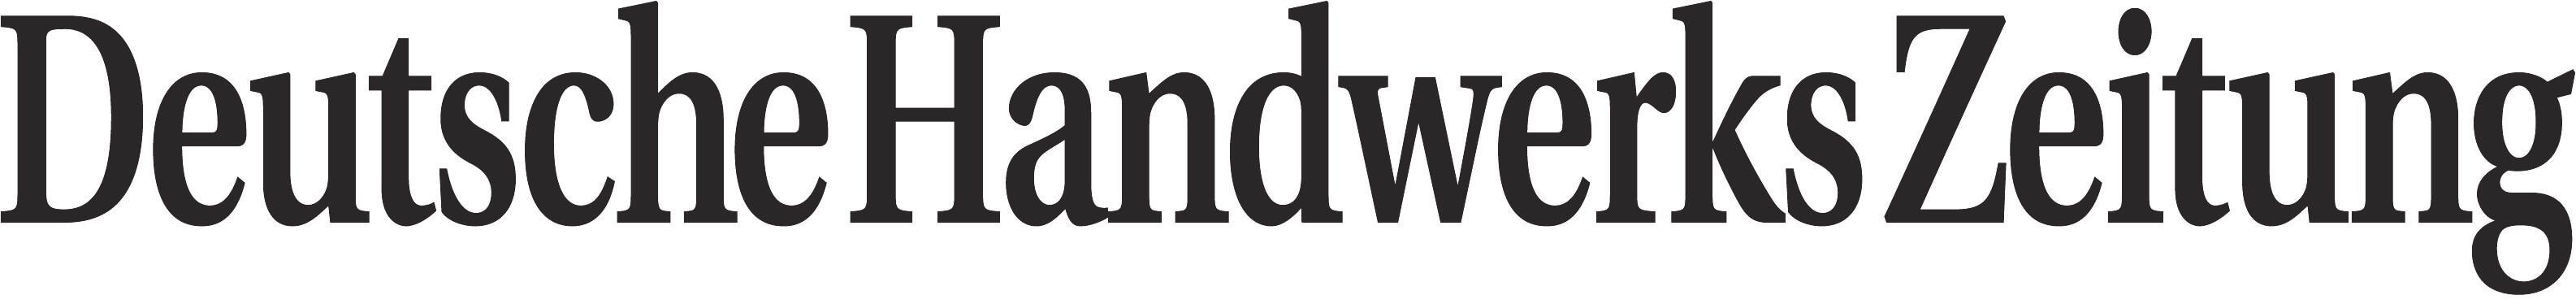 Handwerkszeitung